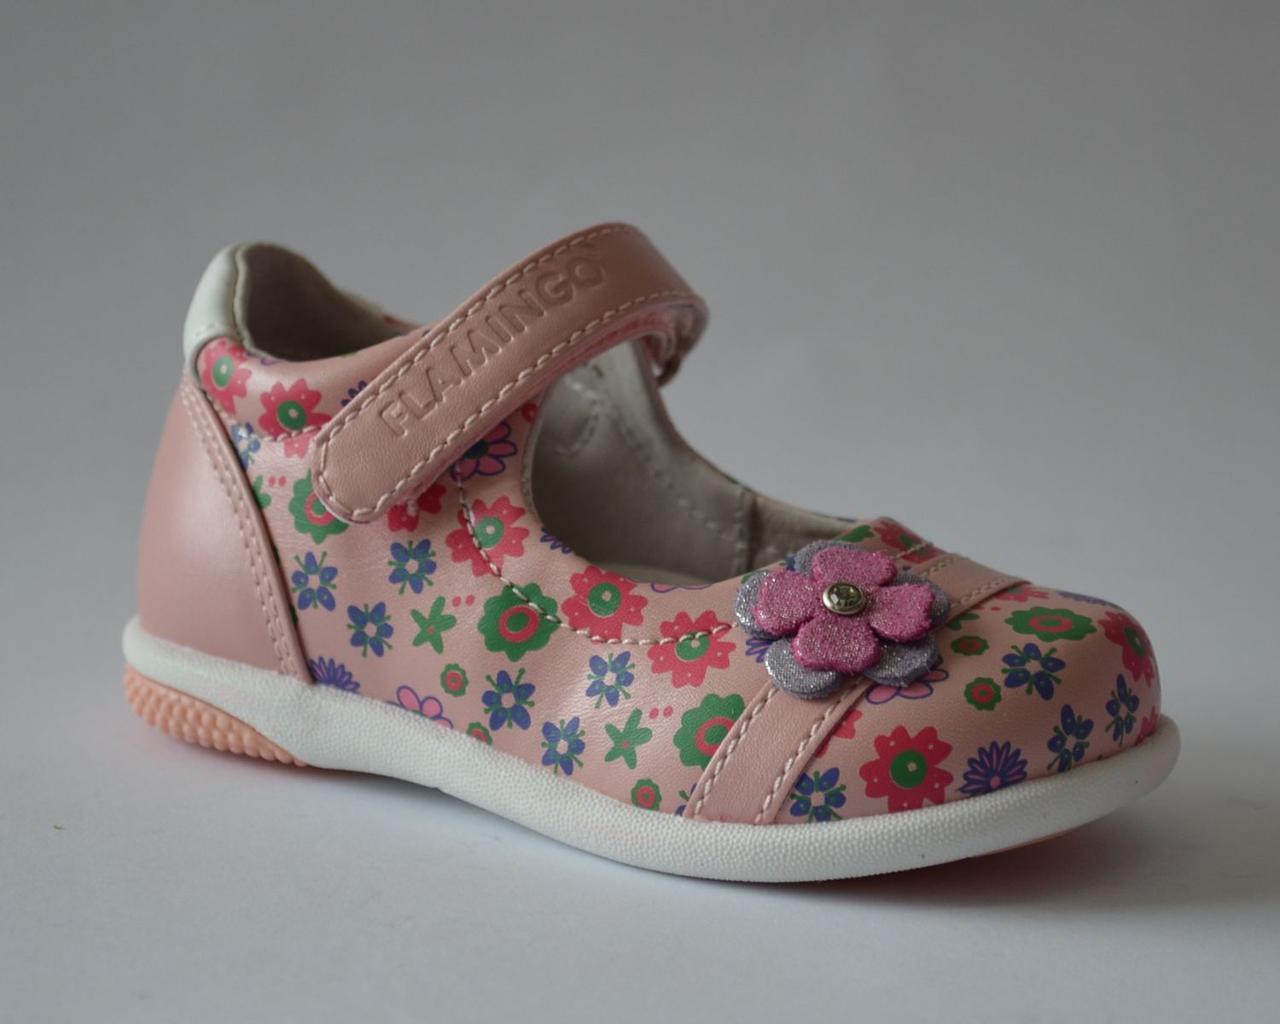 11e75516d Кожаные туфли на девочку Flamingo 21-23 р, цена 575 грн., купить в ...